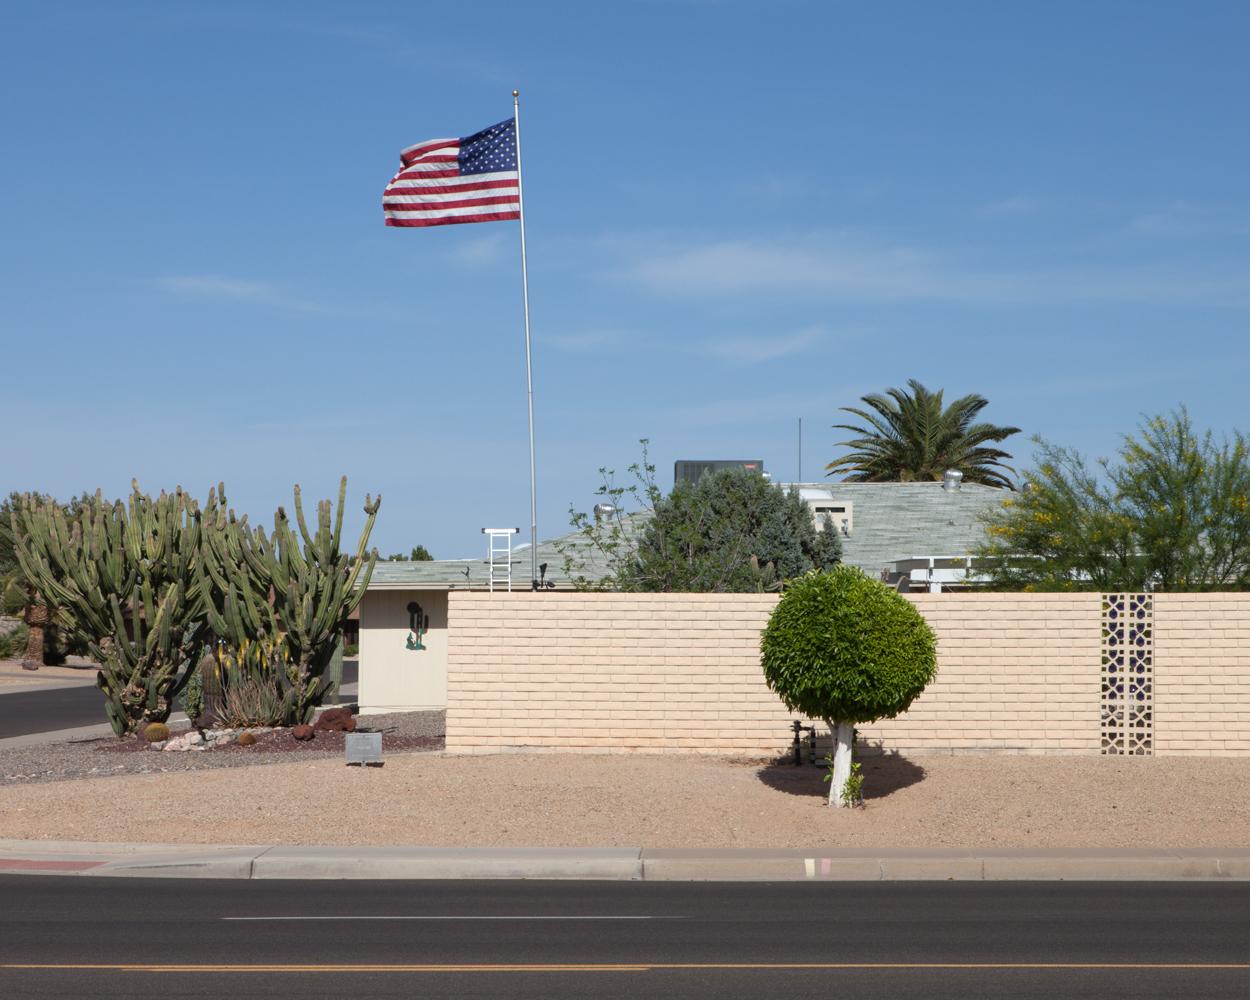 Maison et drapeau, Sun City